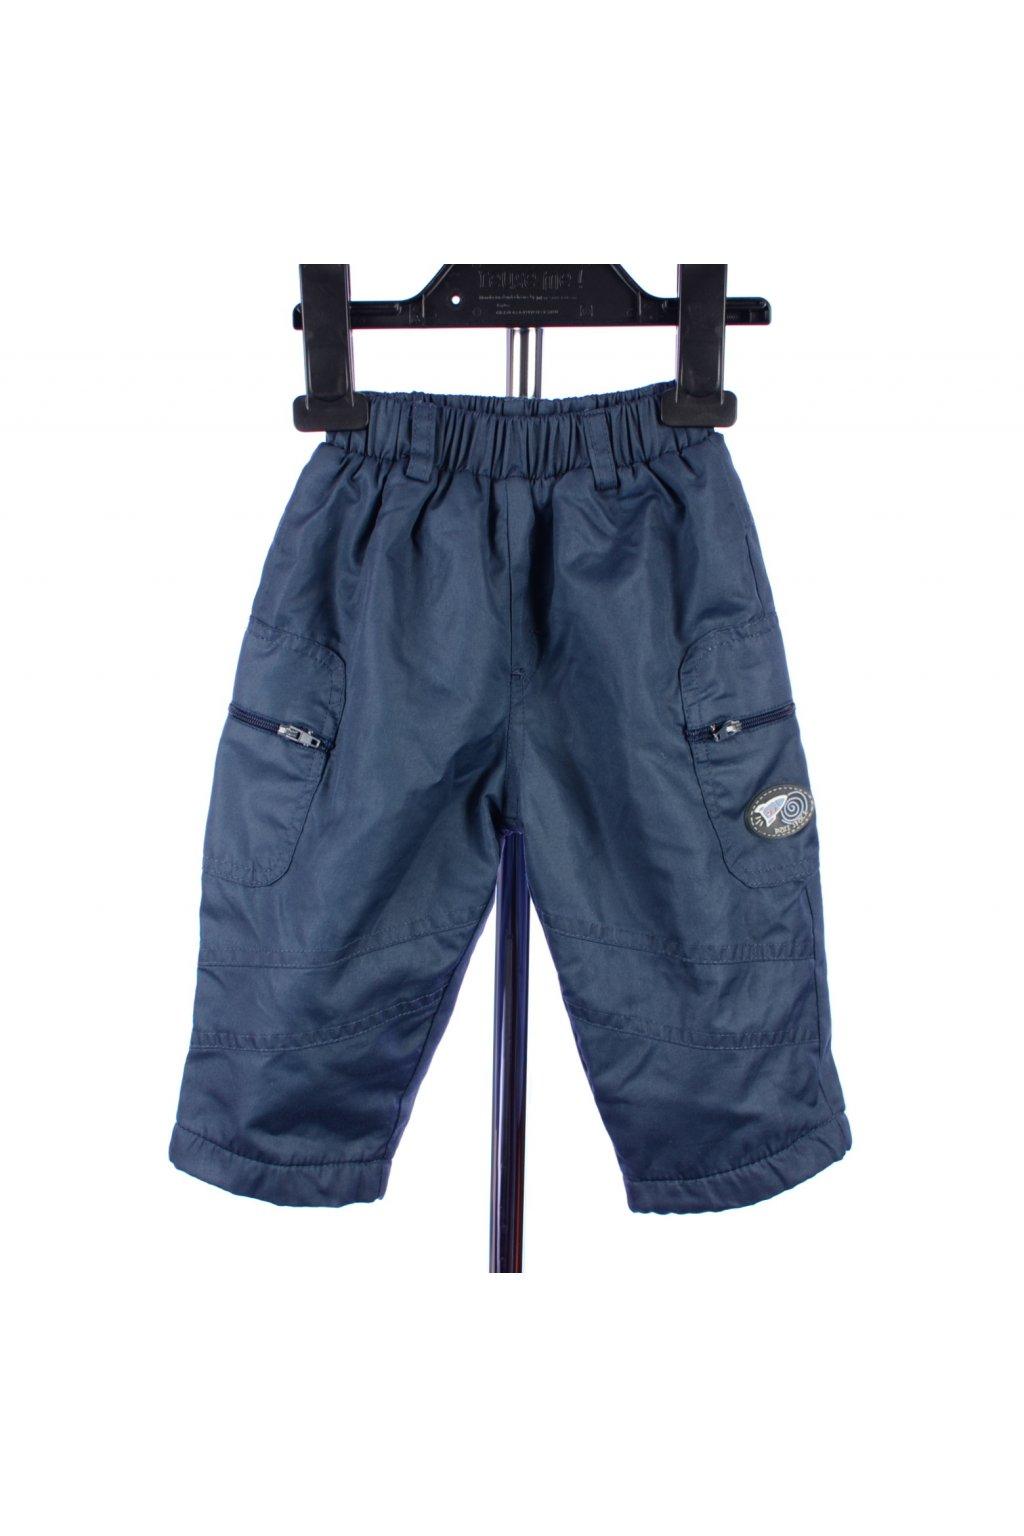 Kalhoty šusťákové s flísovou podšívkou Space world vel. 68 - 74